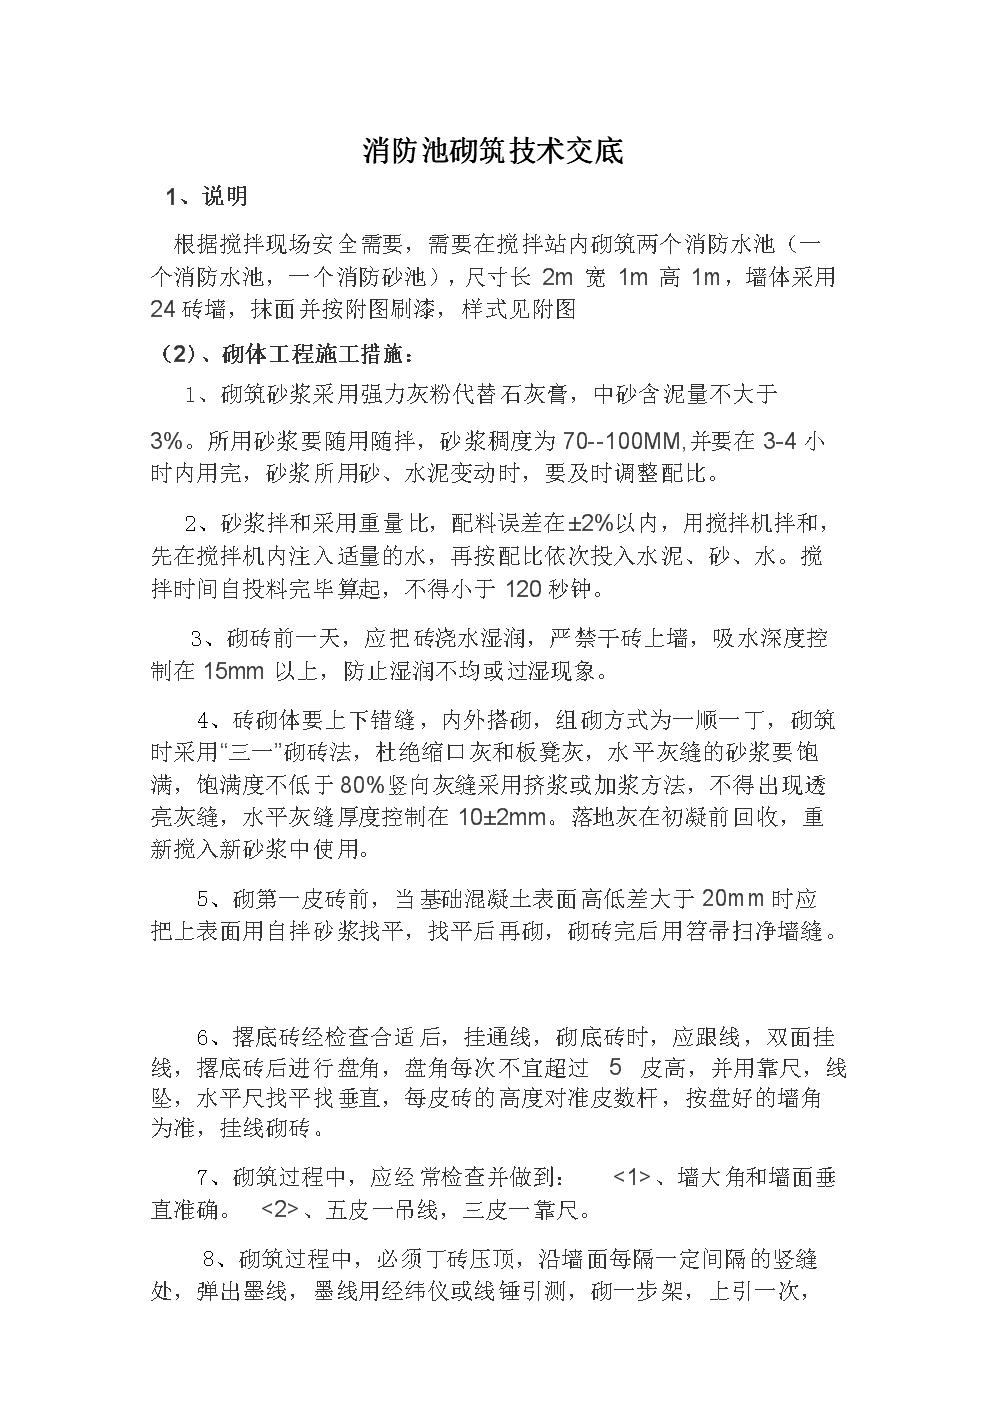 消防池砌筑技术交底.docx